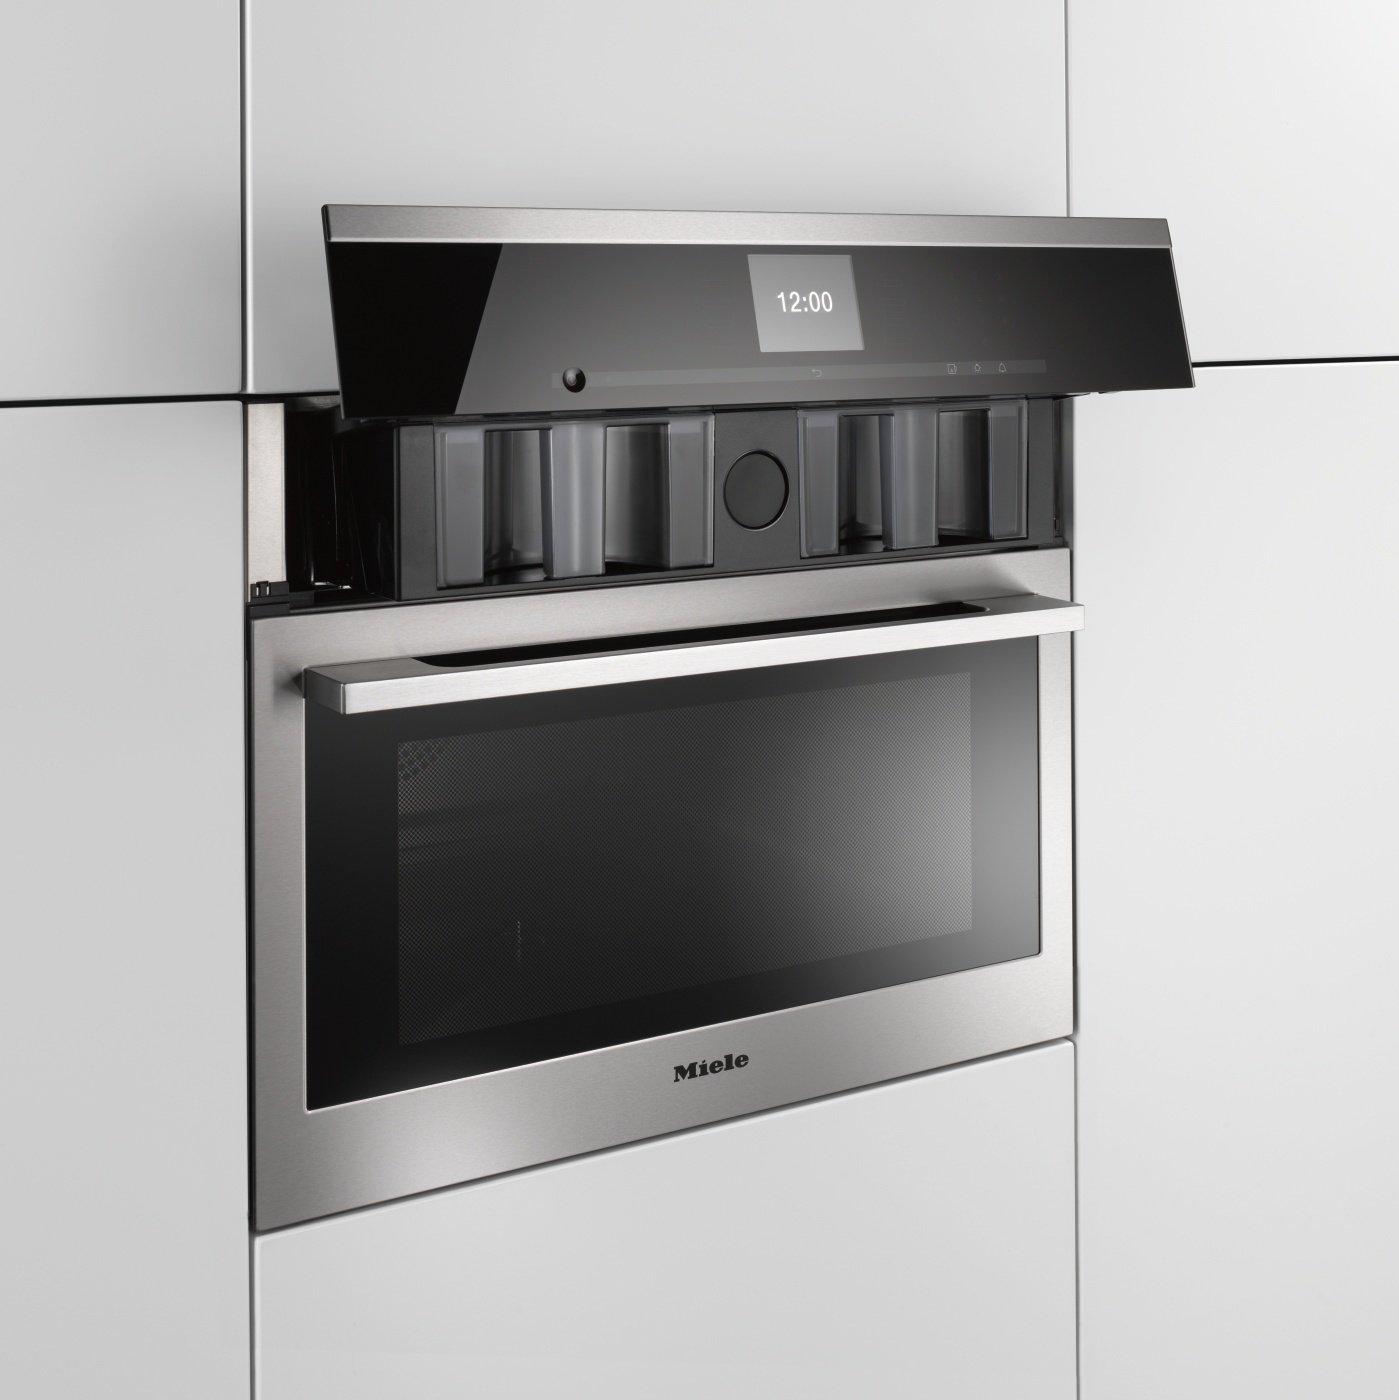 miele h 2265 ep active herd 55 4 cm pyrolytische selbstreinigung tageszeitanzeige kurzzeitwecker. Black Bedroom Furniture Sets. Home Design Ideas